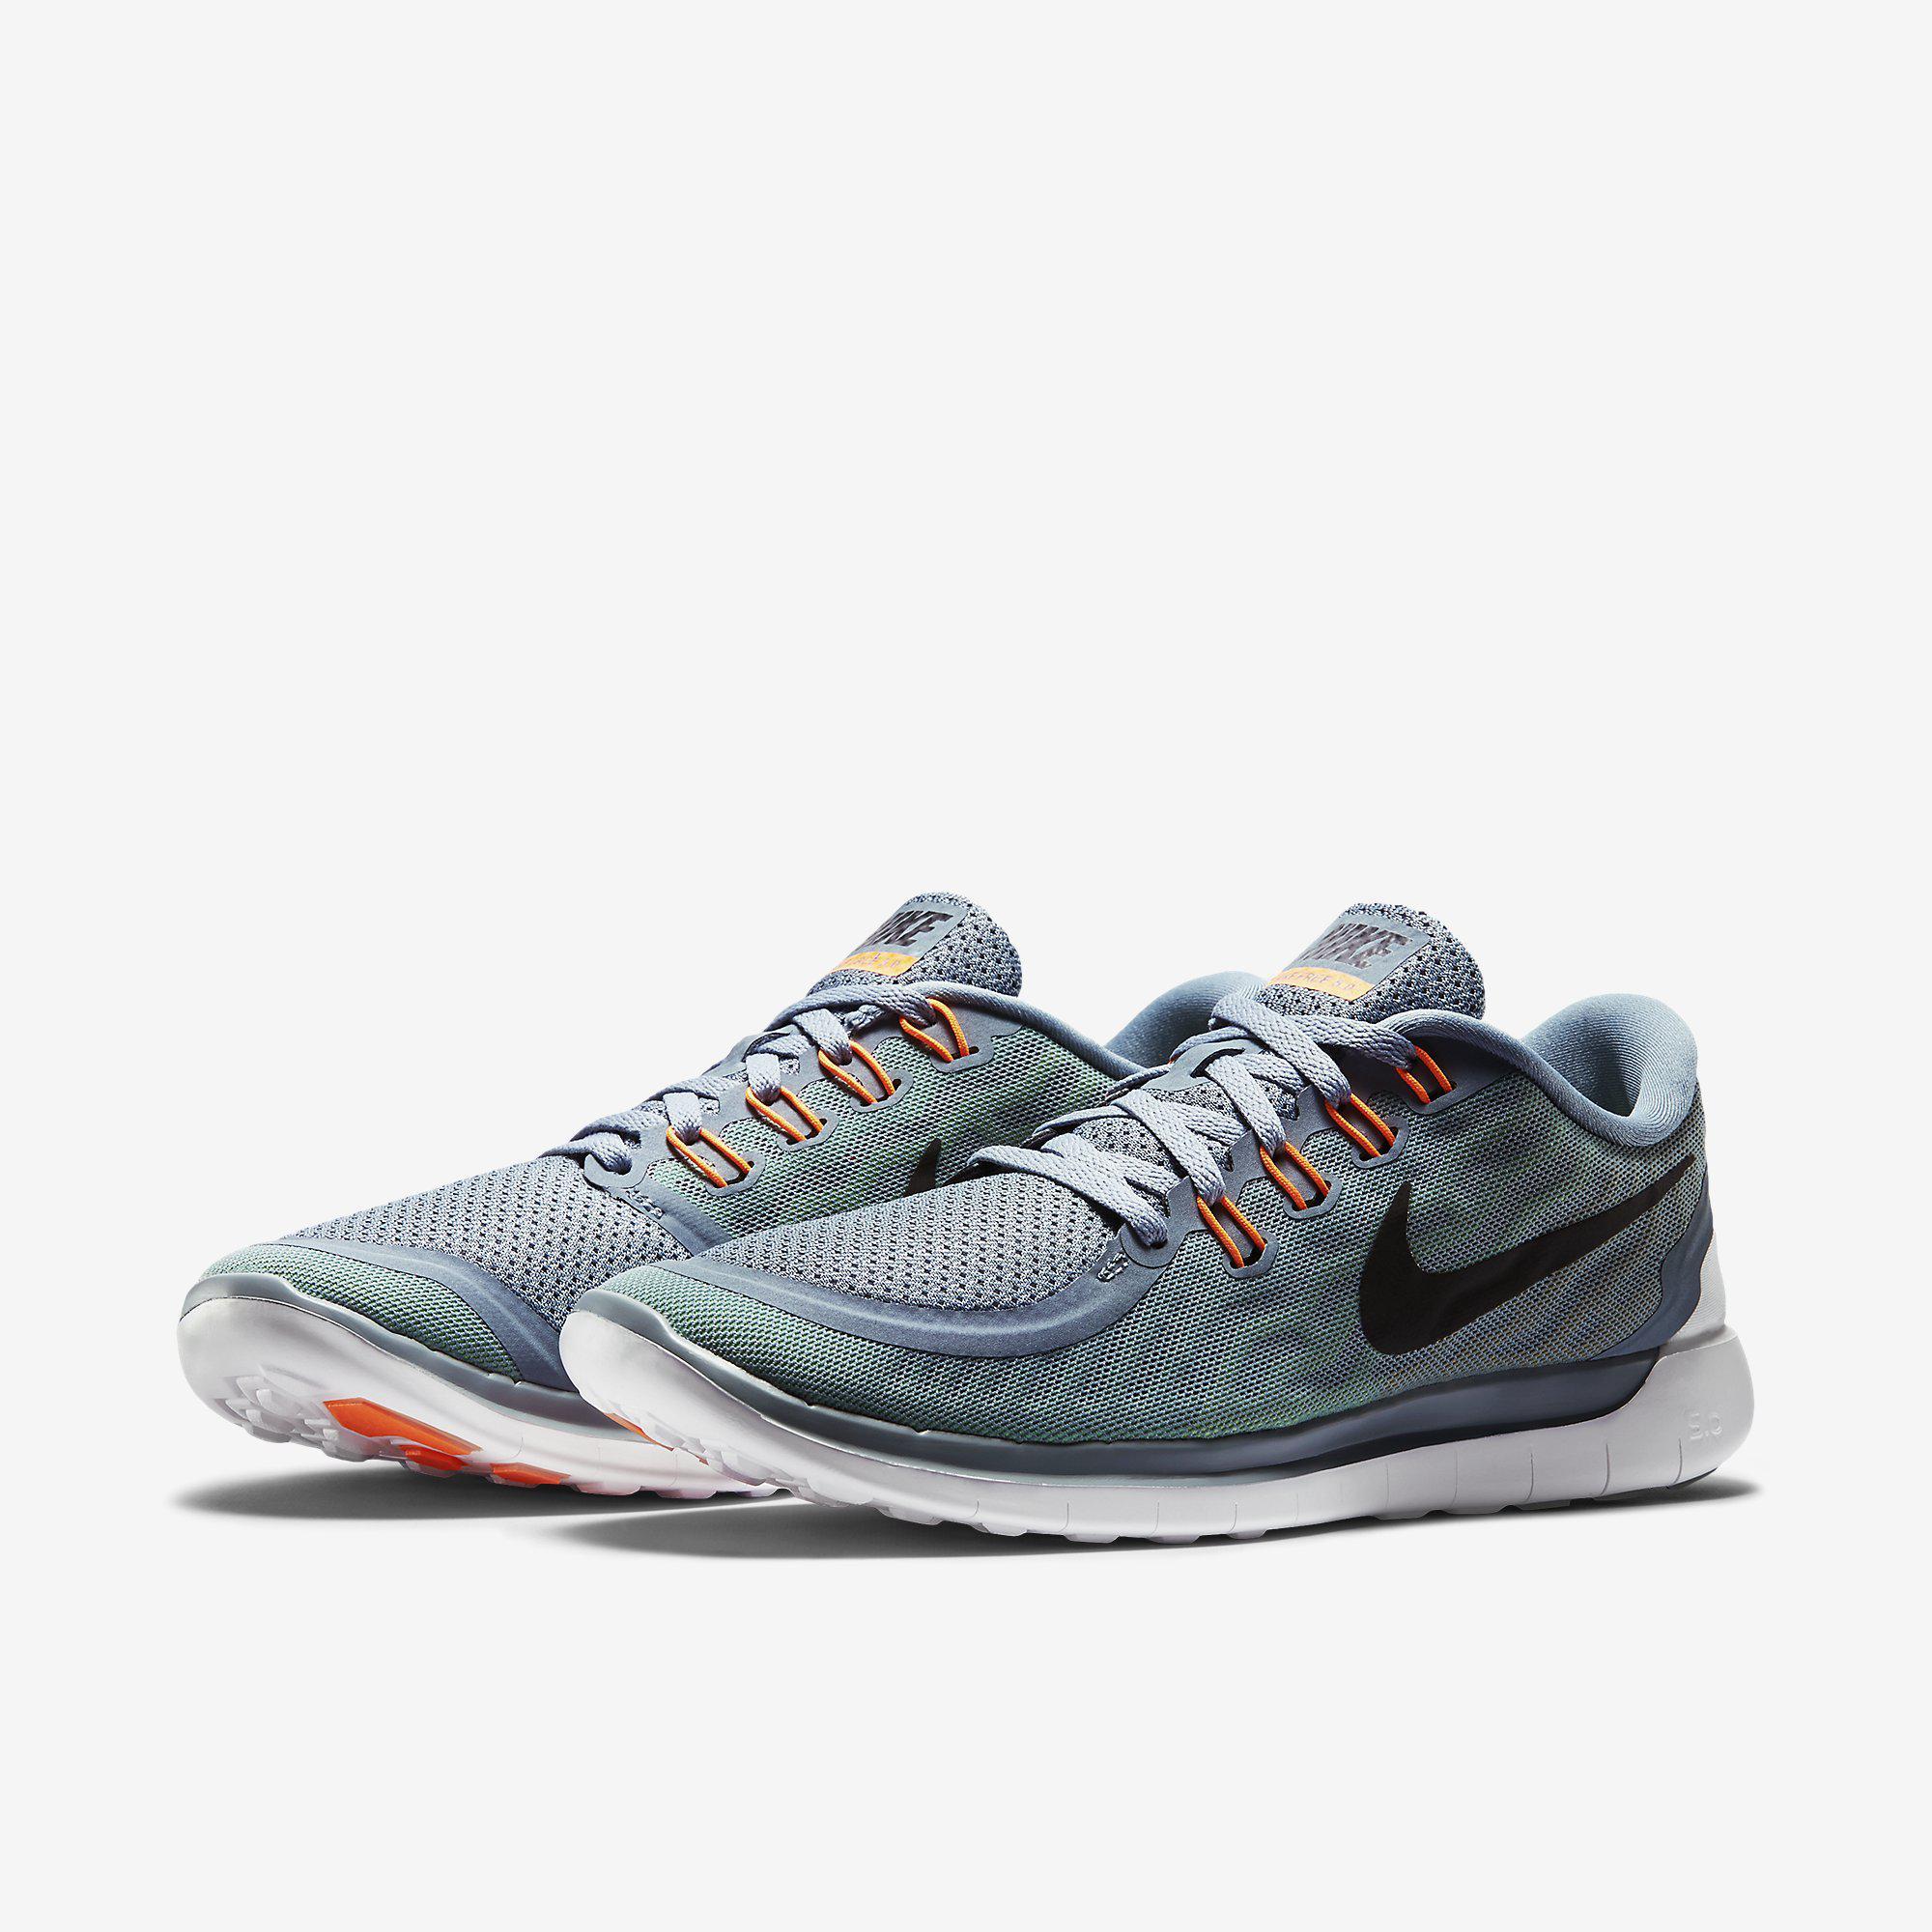 Nike Free 5.0 Dove Grey